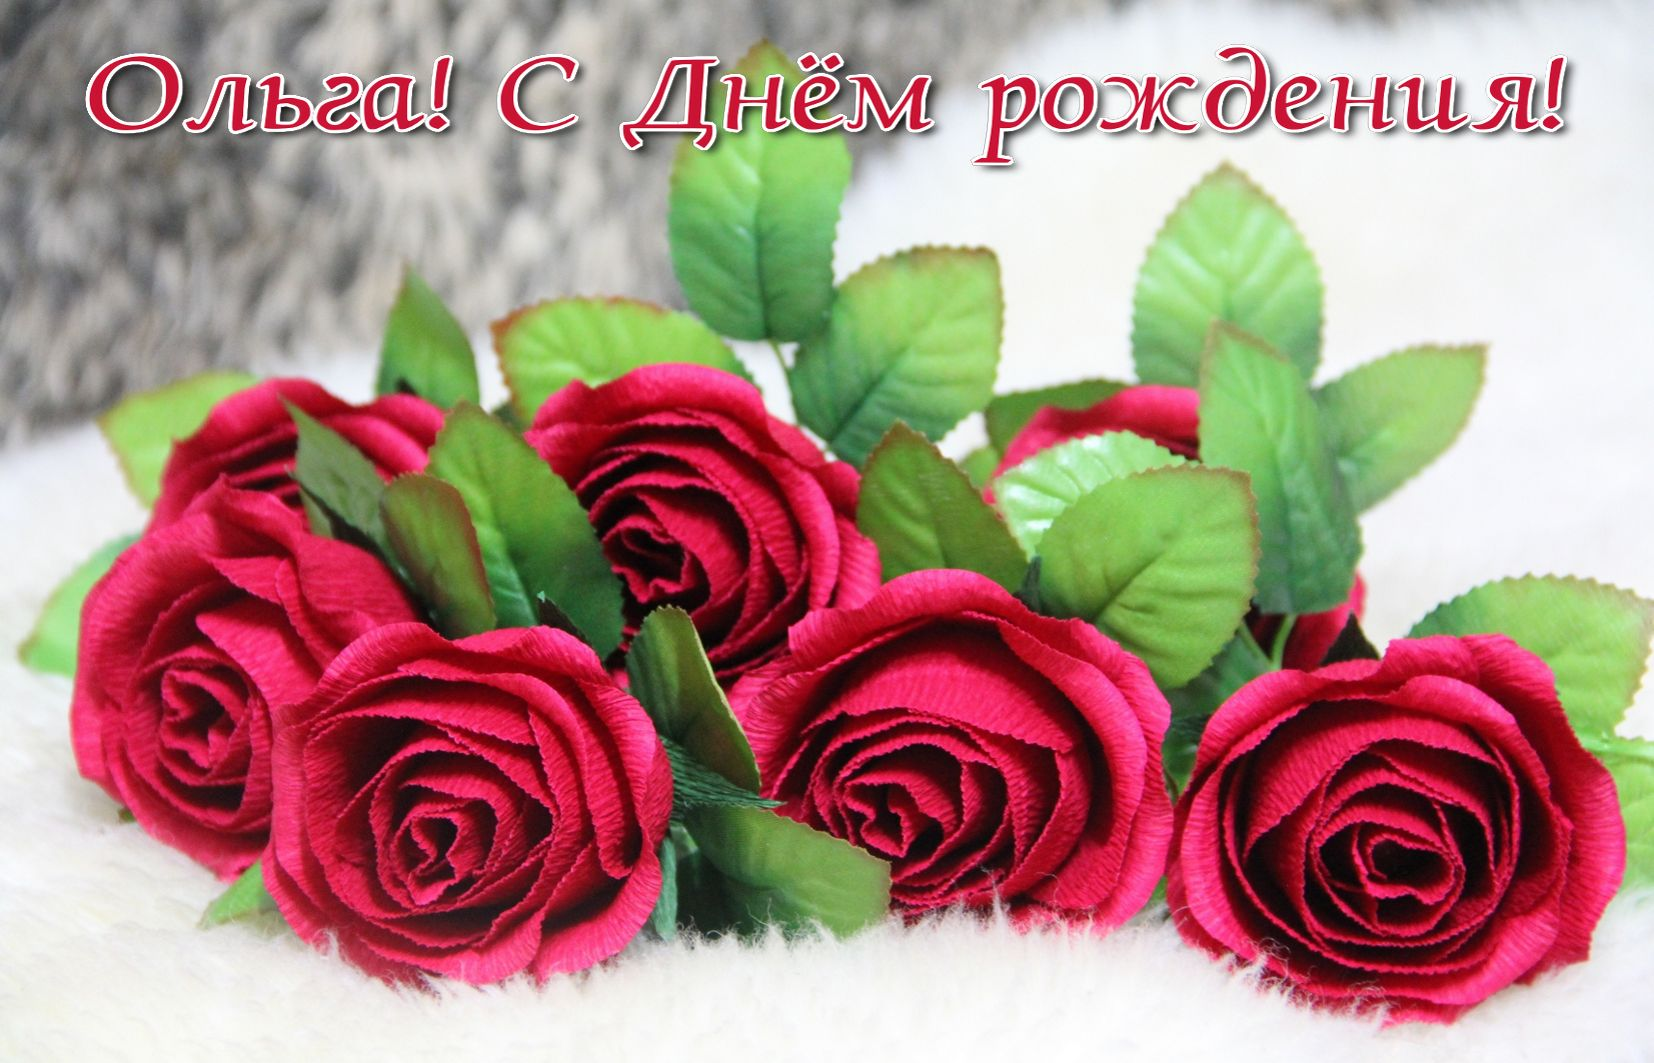 Открытка на День рождения Ольге - красные розы в приятном оформлении